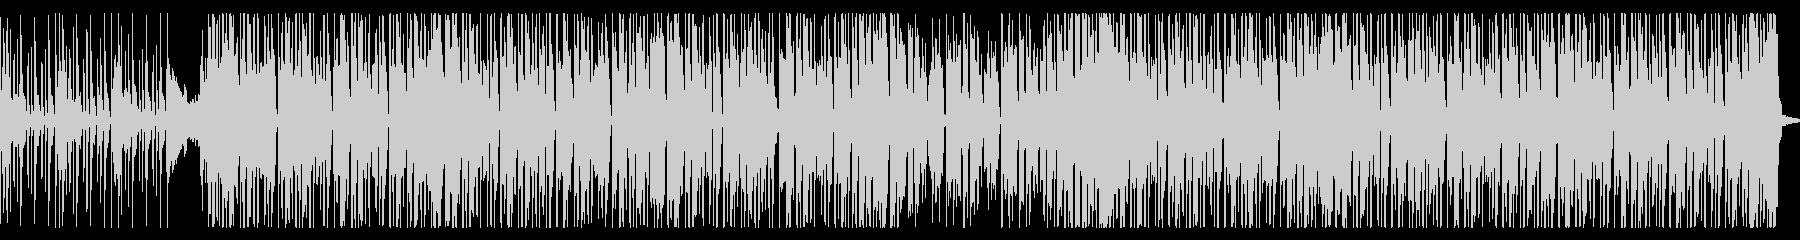 ドラム & ベース ジャングル ポ...の未再生の波形